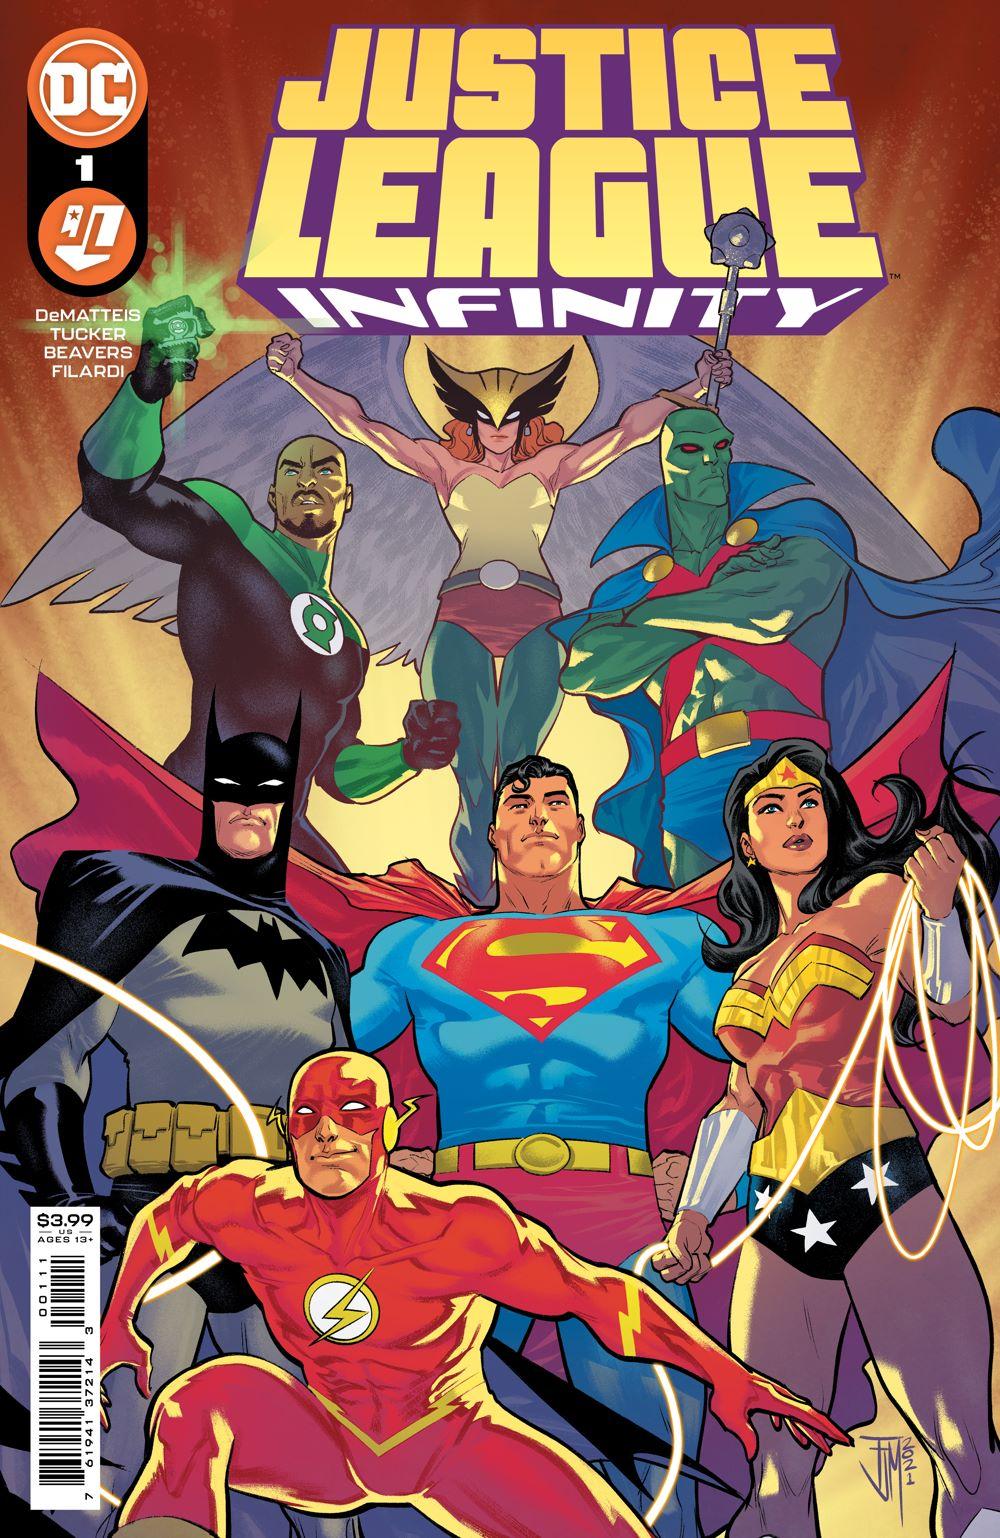 JLINFINITY_Cv1 DC Comics July 2021 Solicitations